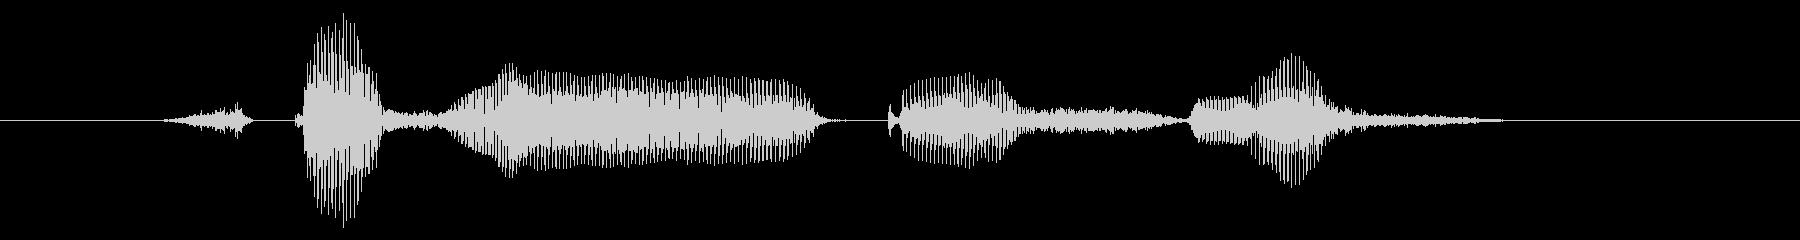 スタジオへお返ししますの未再生の波形